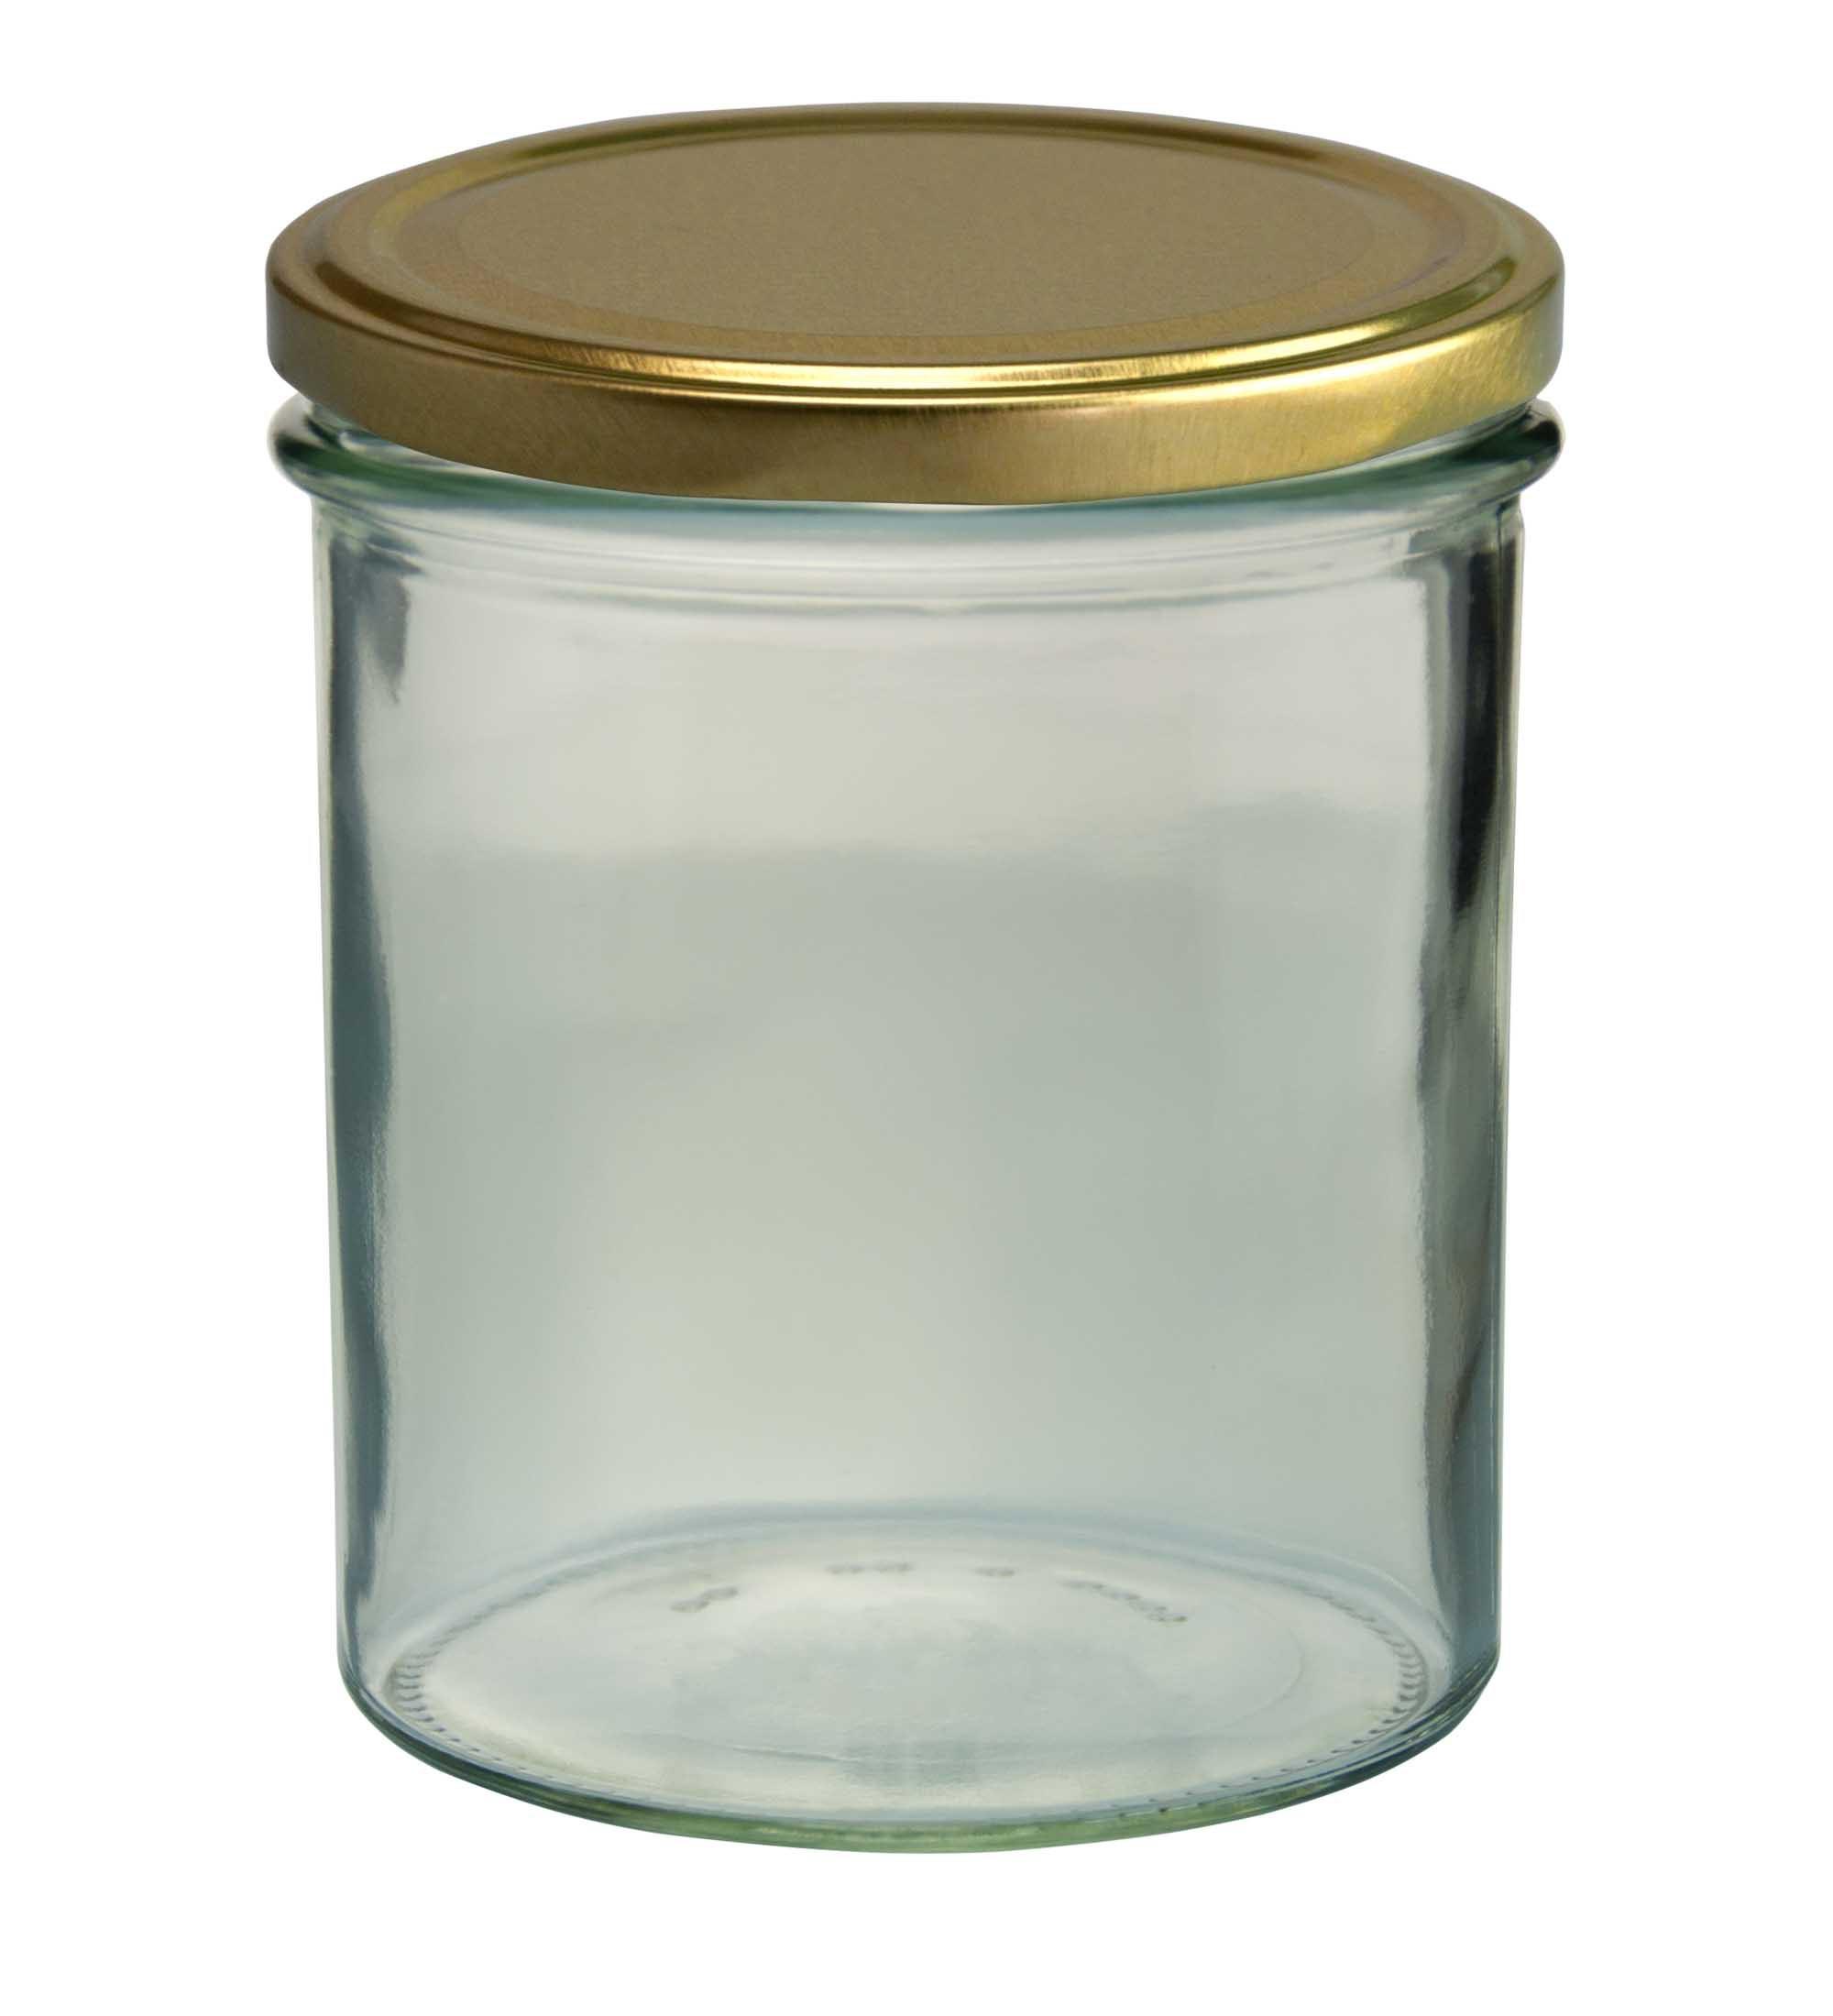 12 sturzgl ser 350 ml marmeladengl ser einmachglas einweckglas gold rezeptheft 4250857226511 ebay. Black Bedroom Furniture Sets. Home Design Ideas